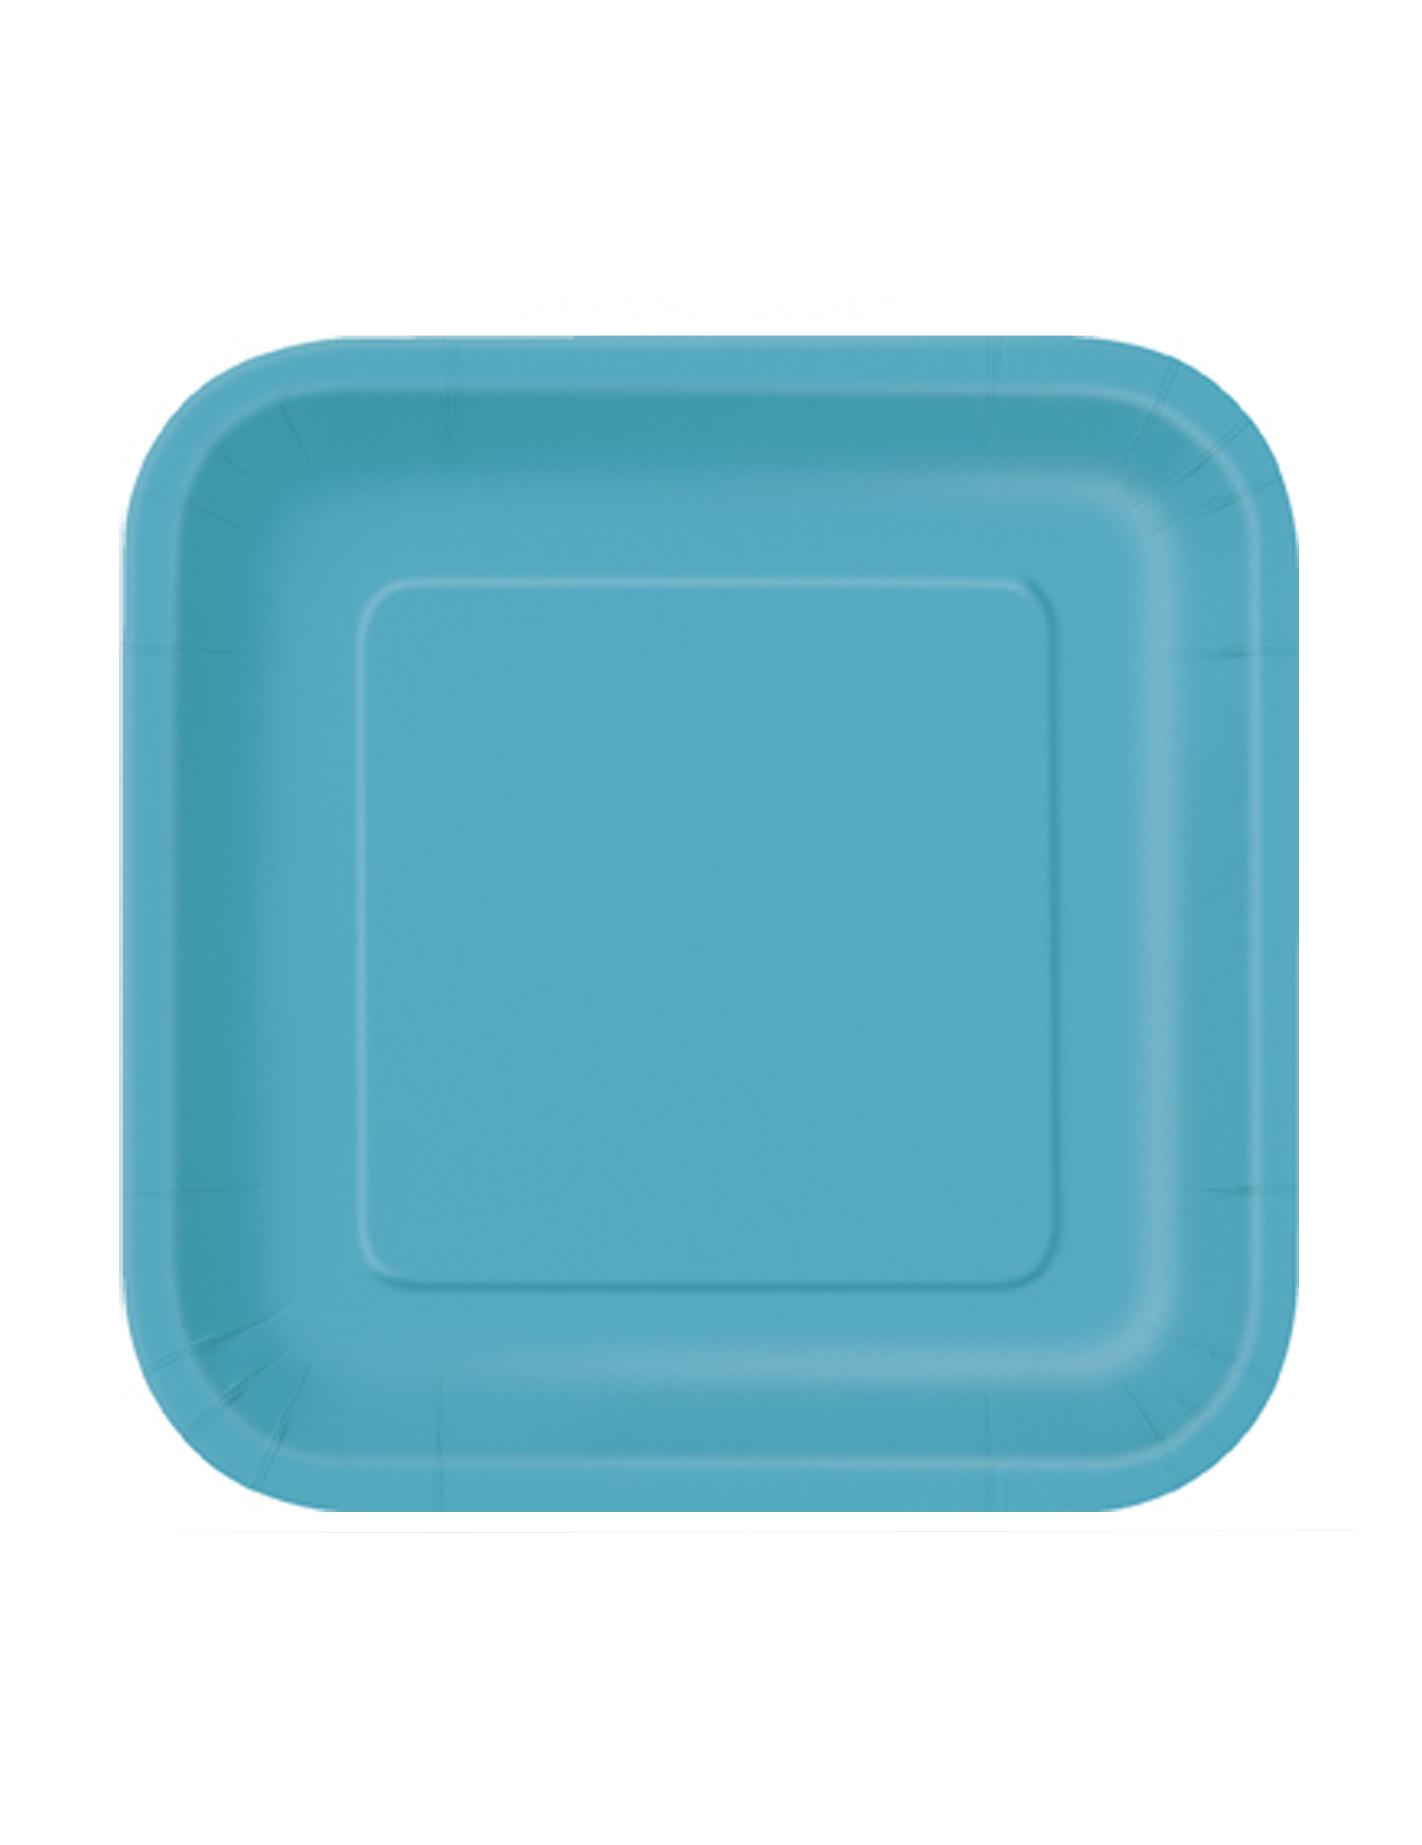 16 Petites Assiettes Bleu Cara Be Carr Es En Carton 18 Cm